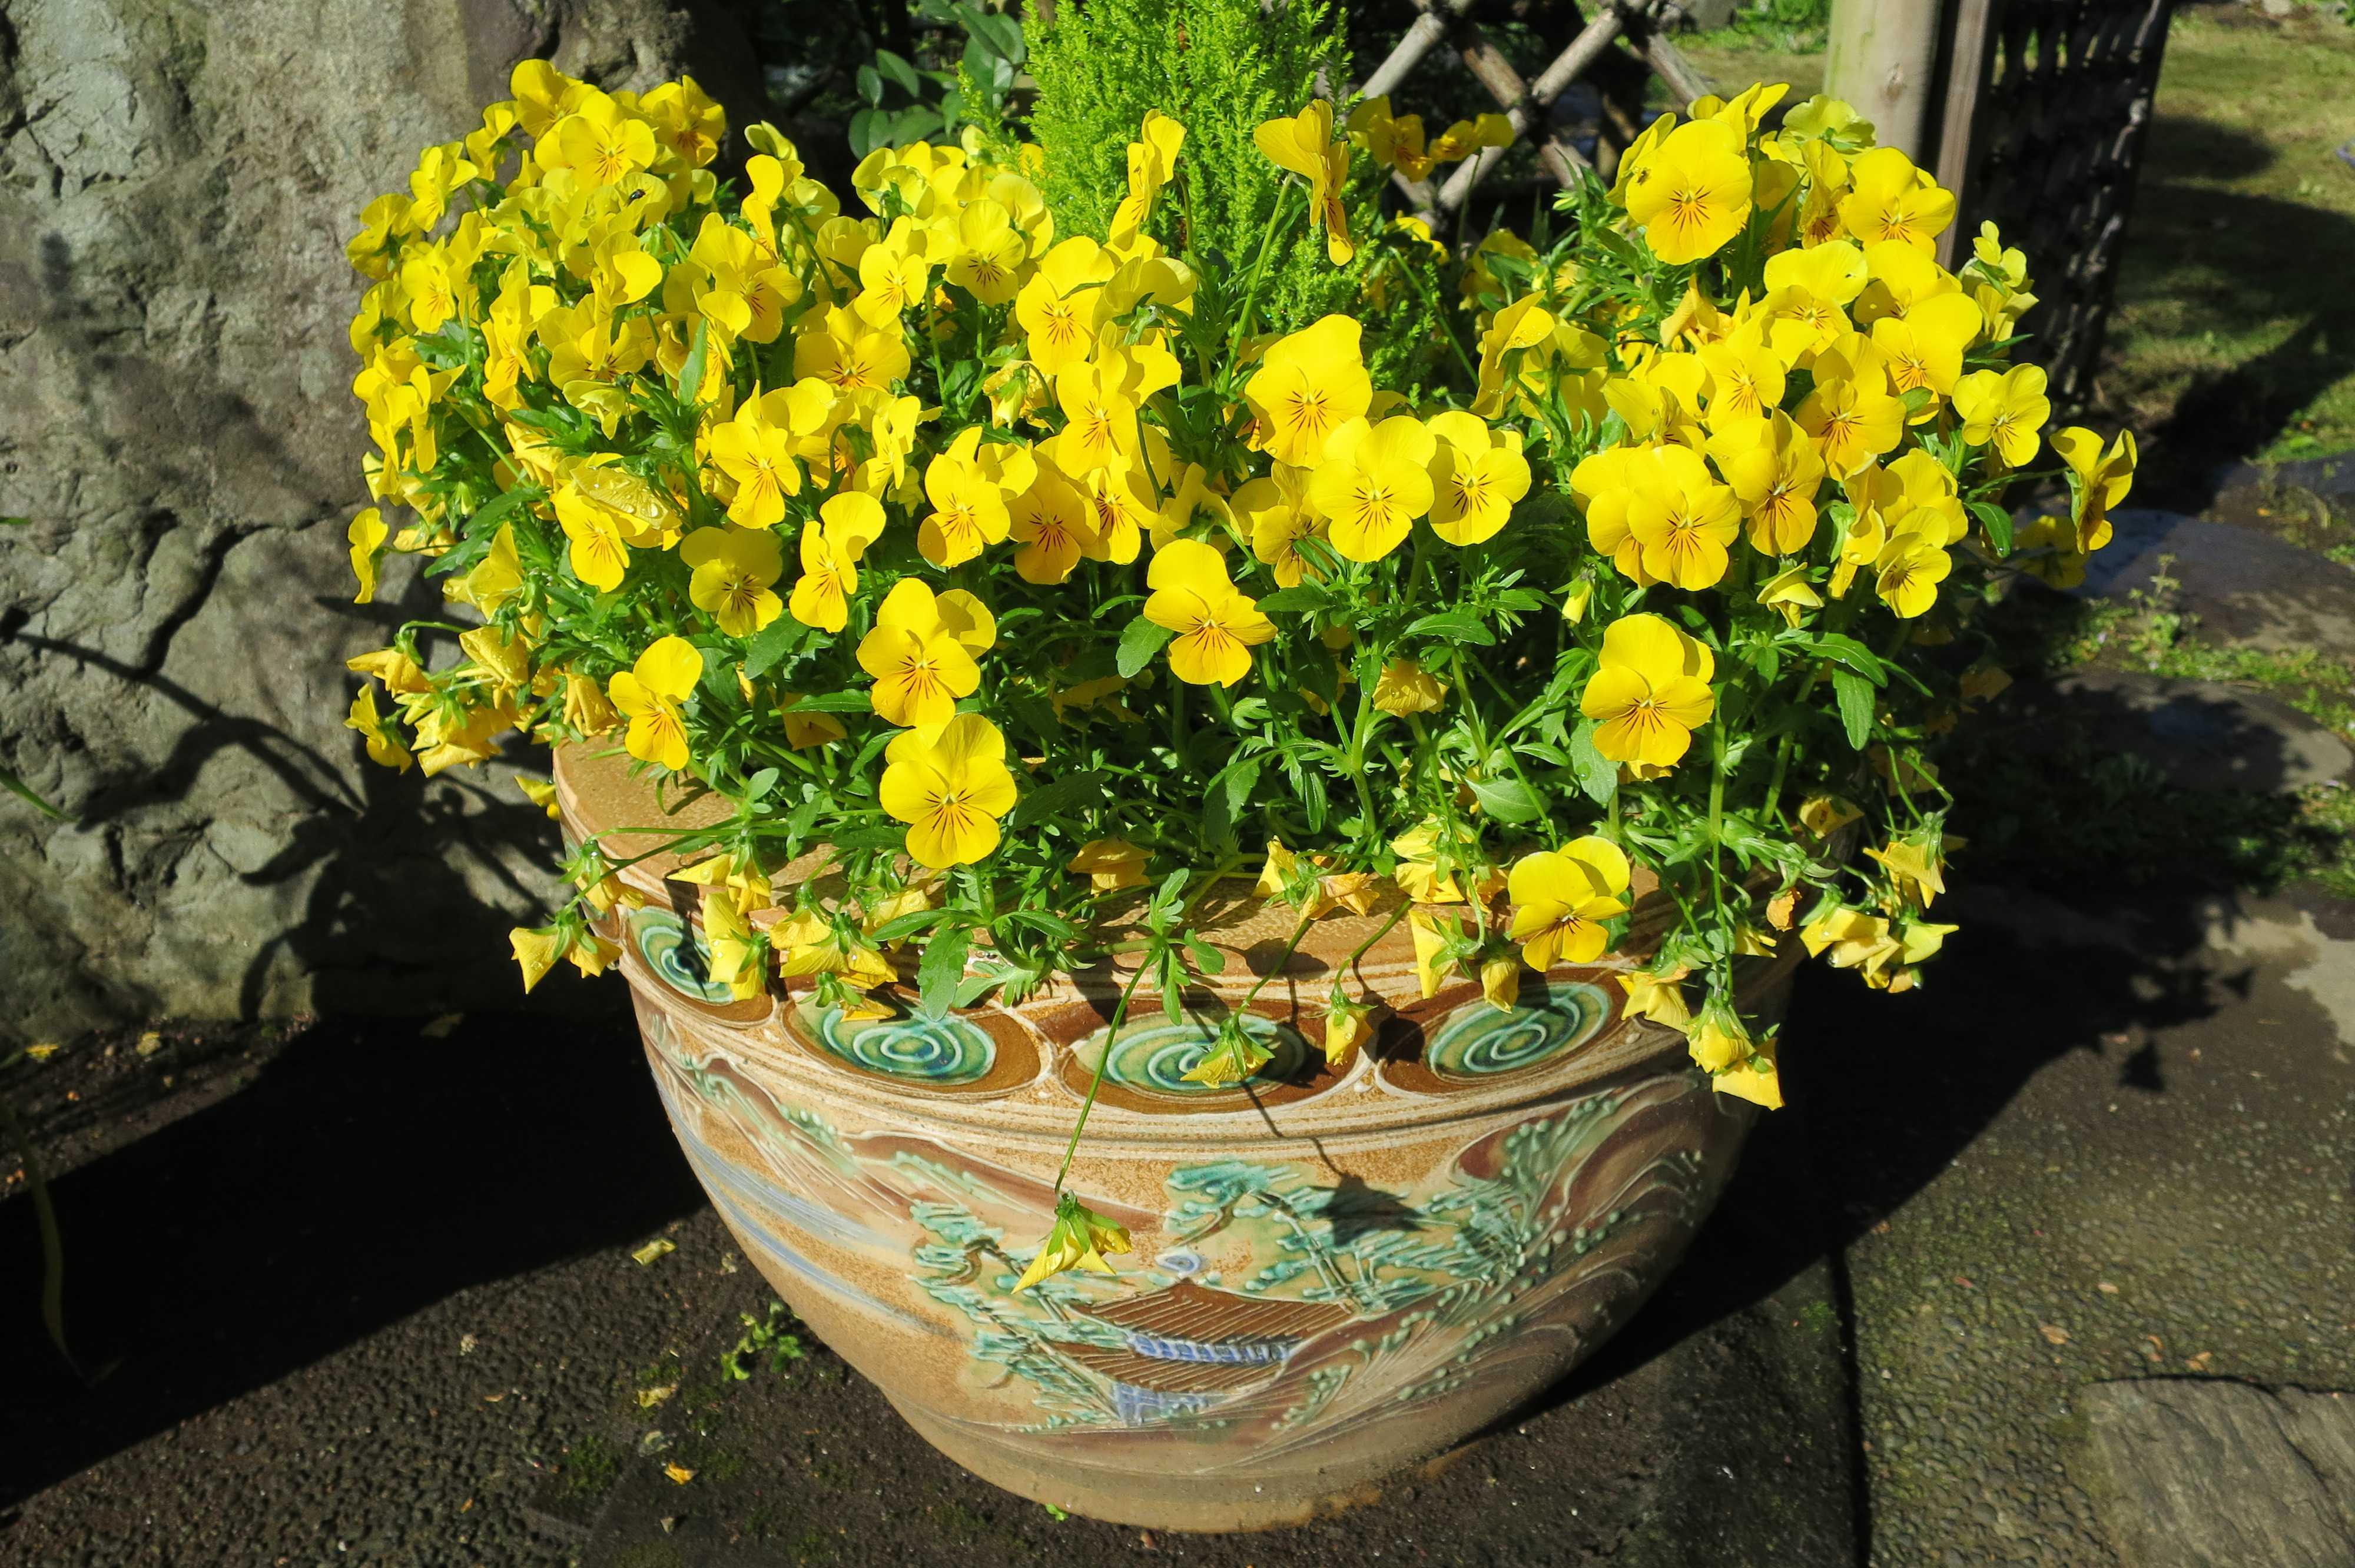 朝日を浴びて黄色く輝いている花